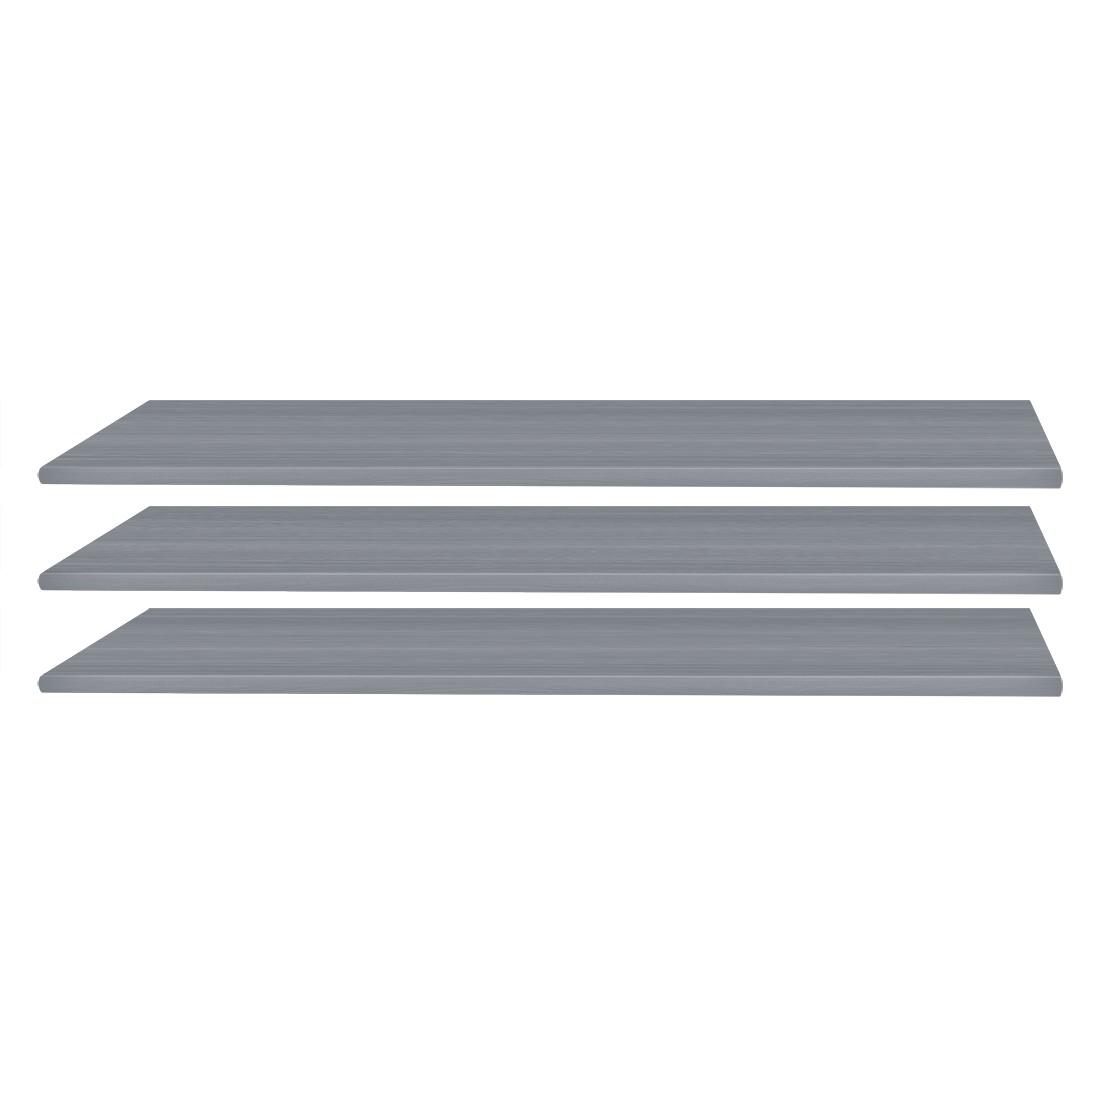 Einlegeboden (3er-Set) – Line-grey – 87 cm, Wimex günstig